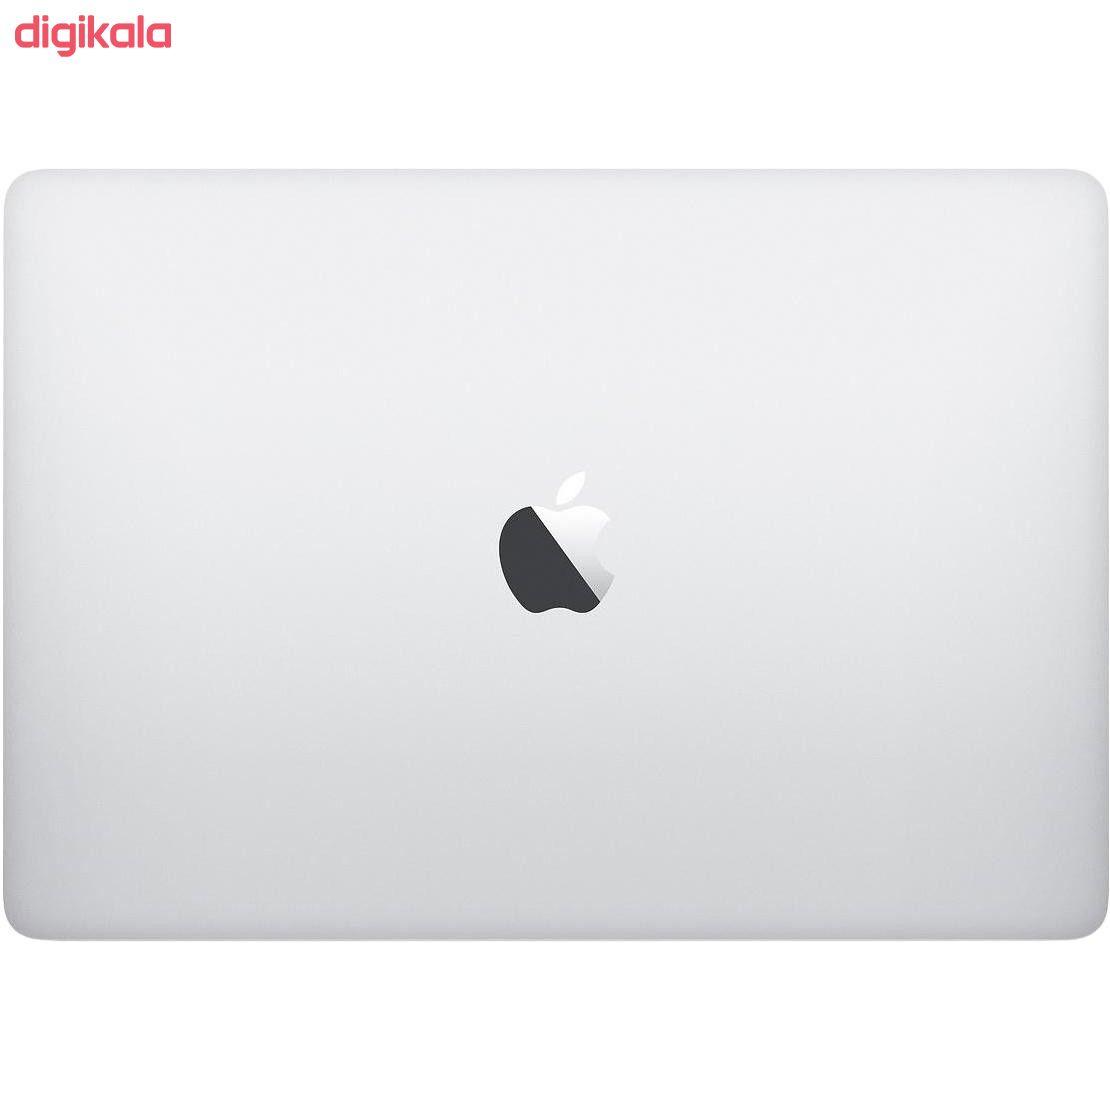 لپ تاپ 13 اینچی اپل مدل MacBook Pro MWP82 2020 همراه با تاچ بار  main 1 4